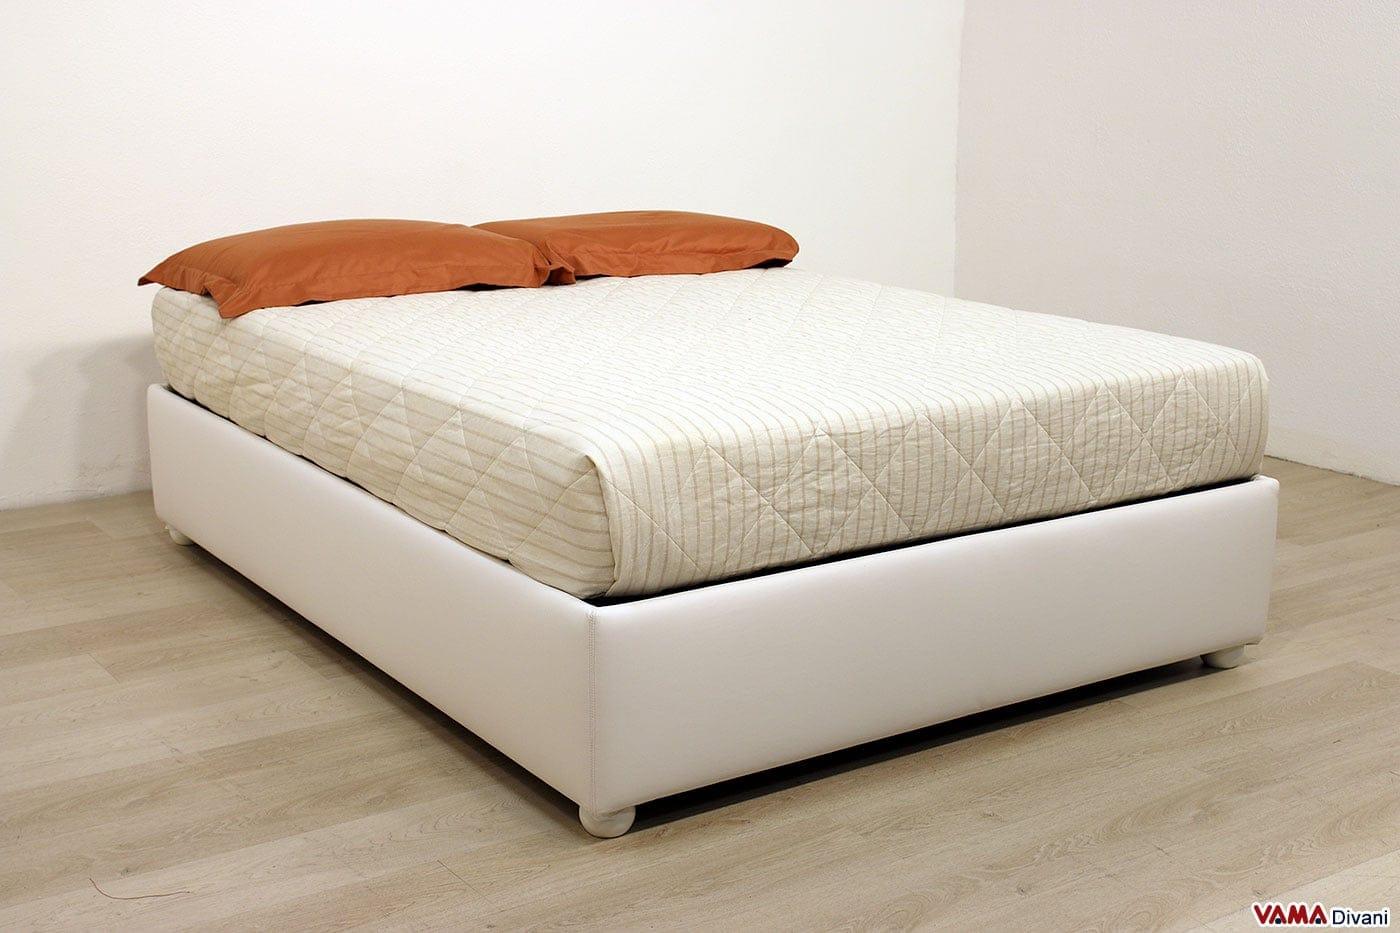 Letto con spalliera contenitore idee creative di interni - Spalliera del letto ...